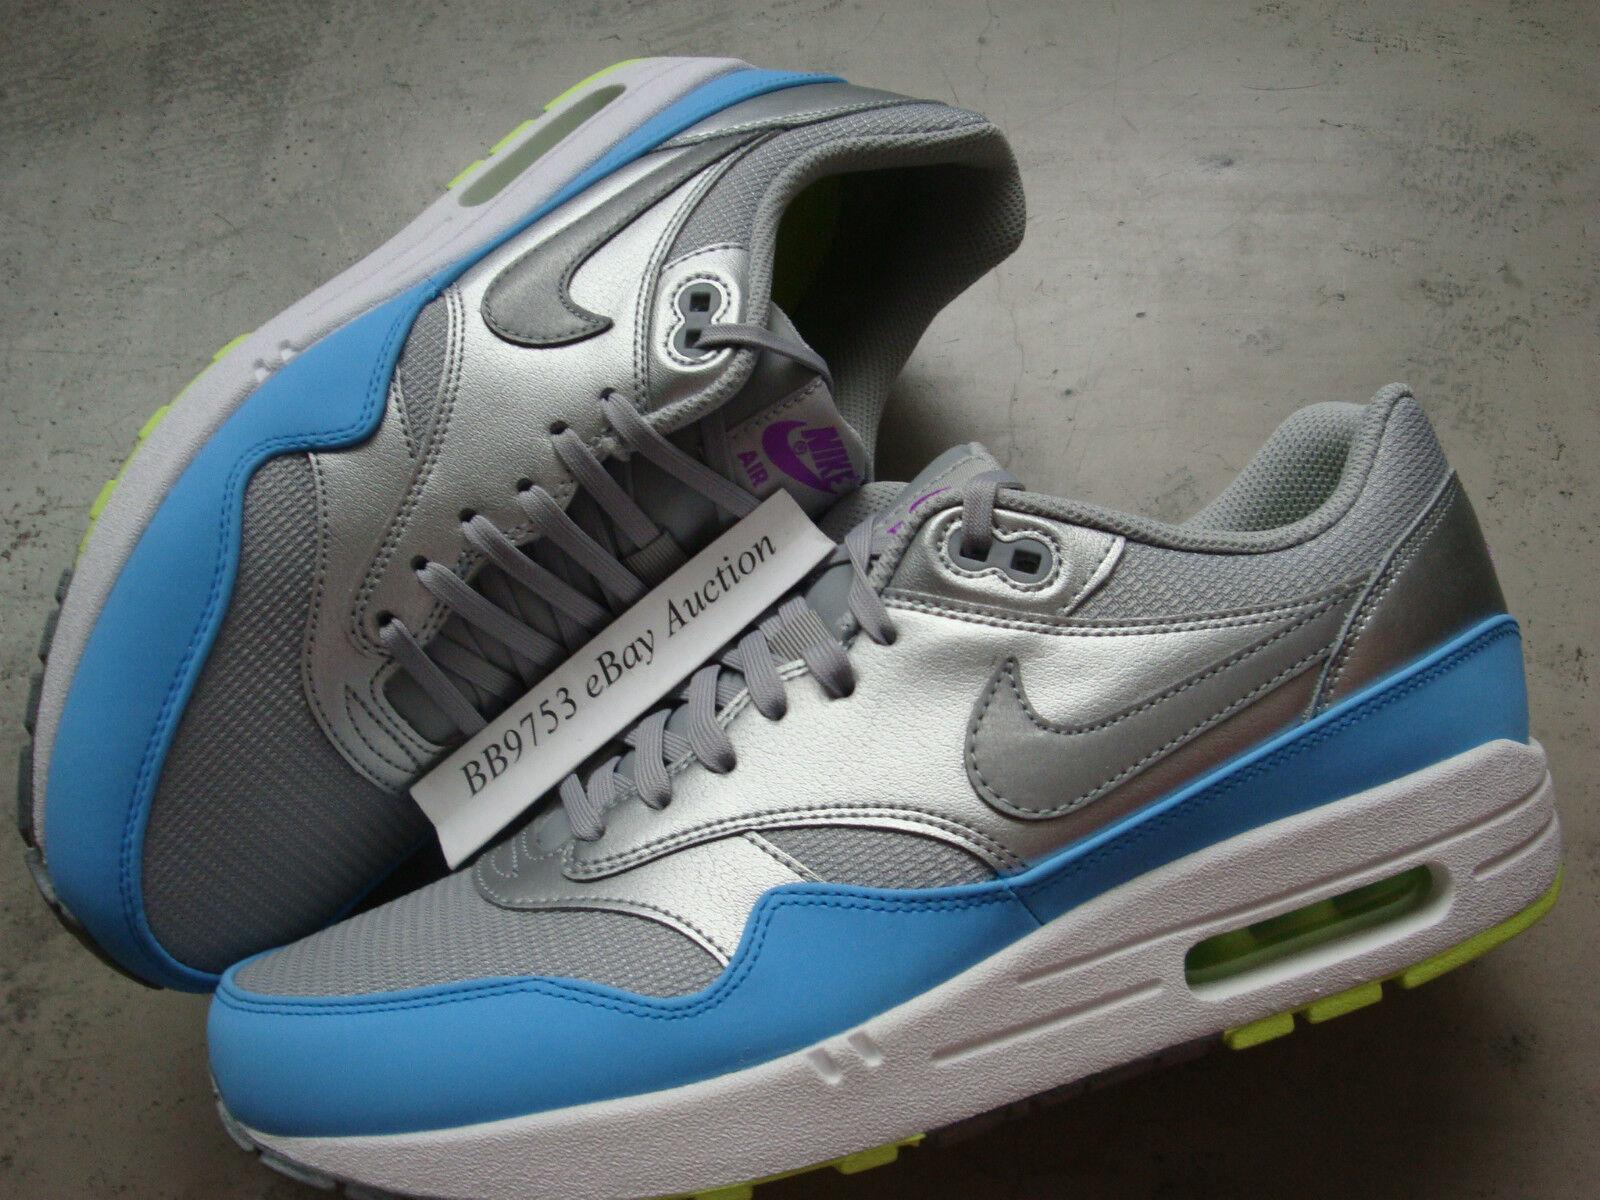 Nike air max 1 fb argento metallico sz atmos 8 - 13 patta atmos sz leopardo 579920 004 mimetico 98ad8d